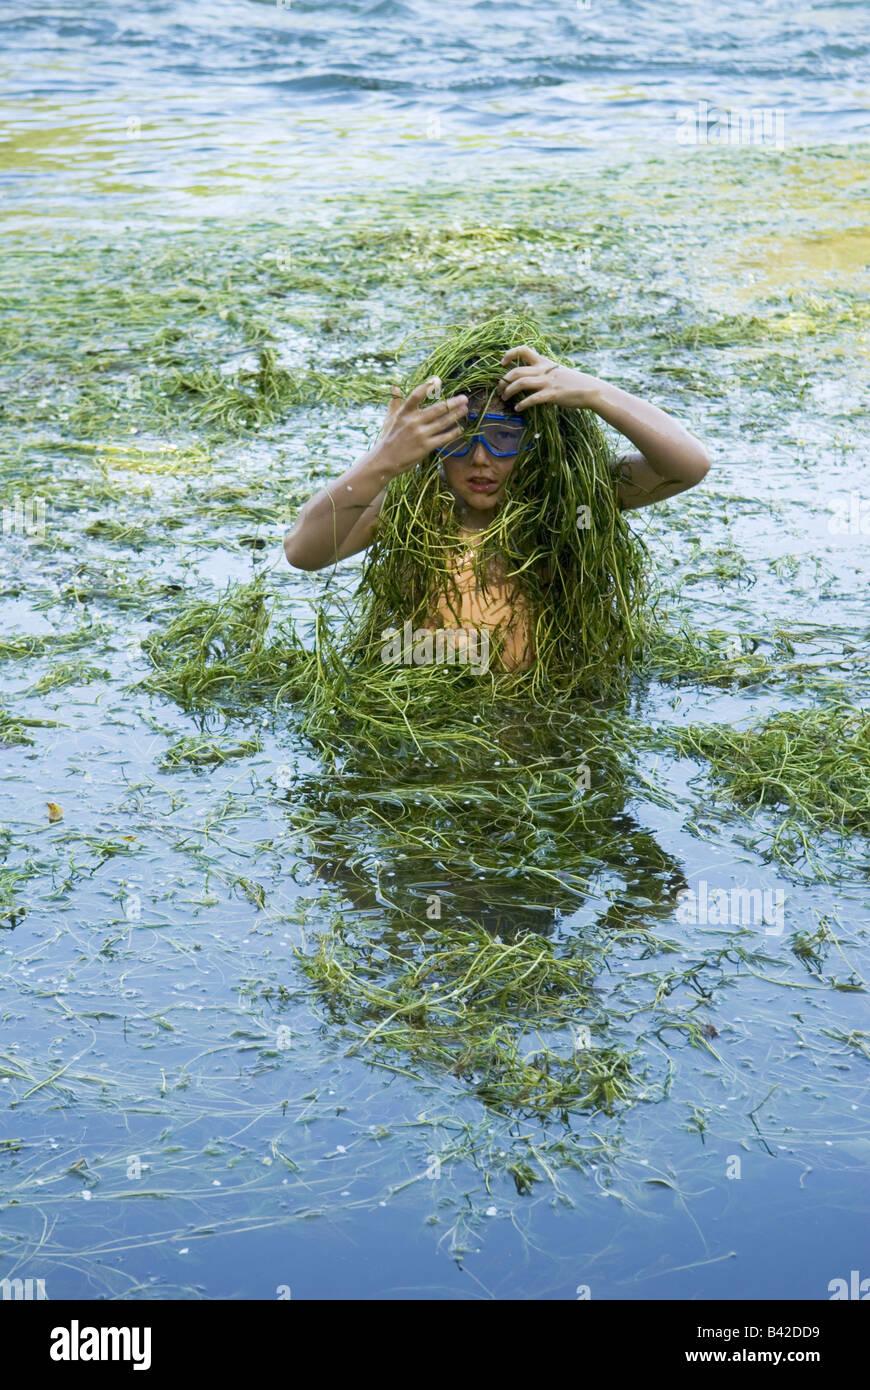 Un giovane ragazzo fino alla sua vita nel fiume copre se stesso in weed durante un gioco Immagini Stock